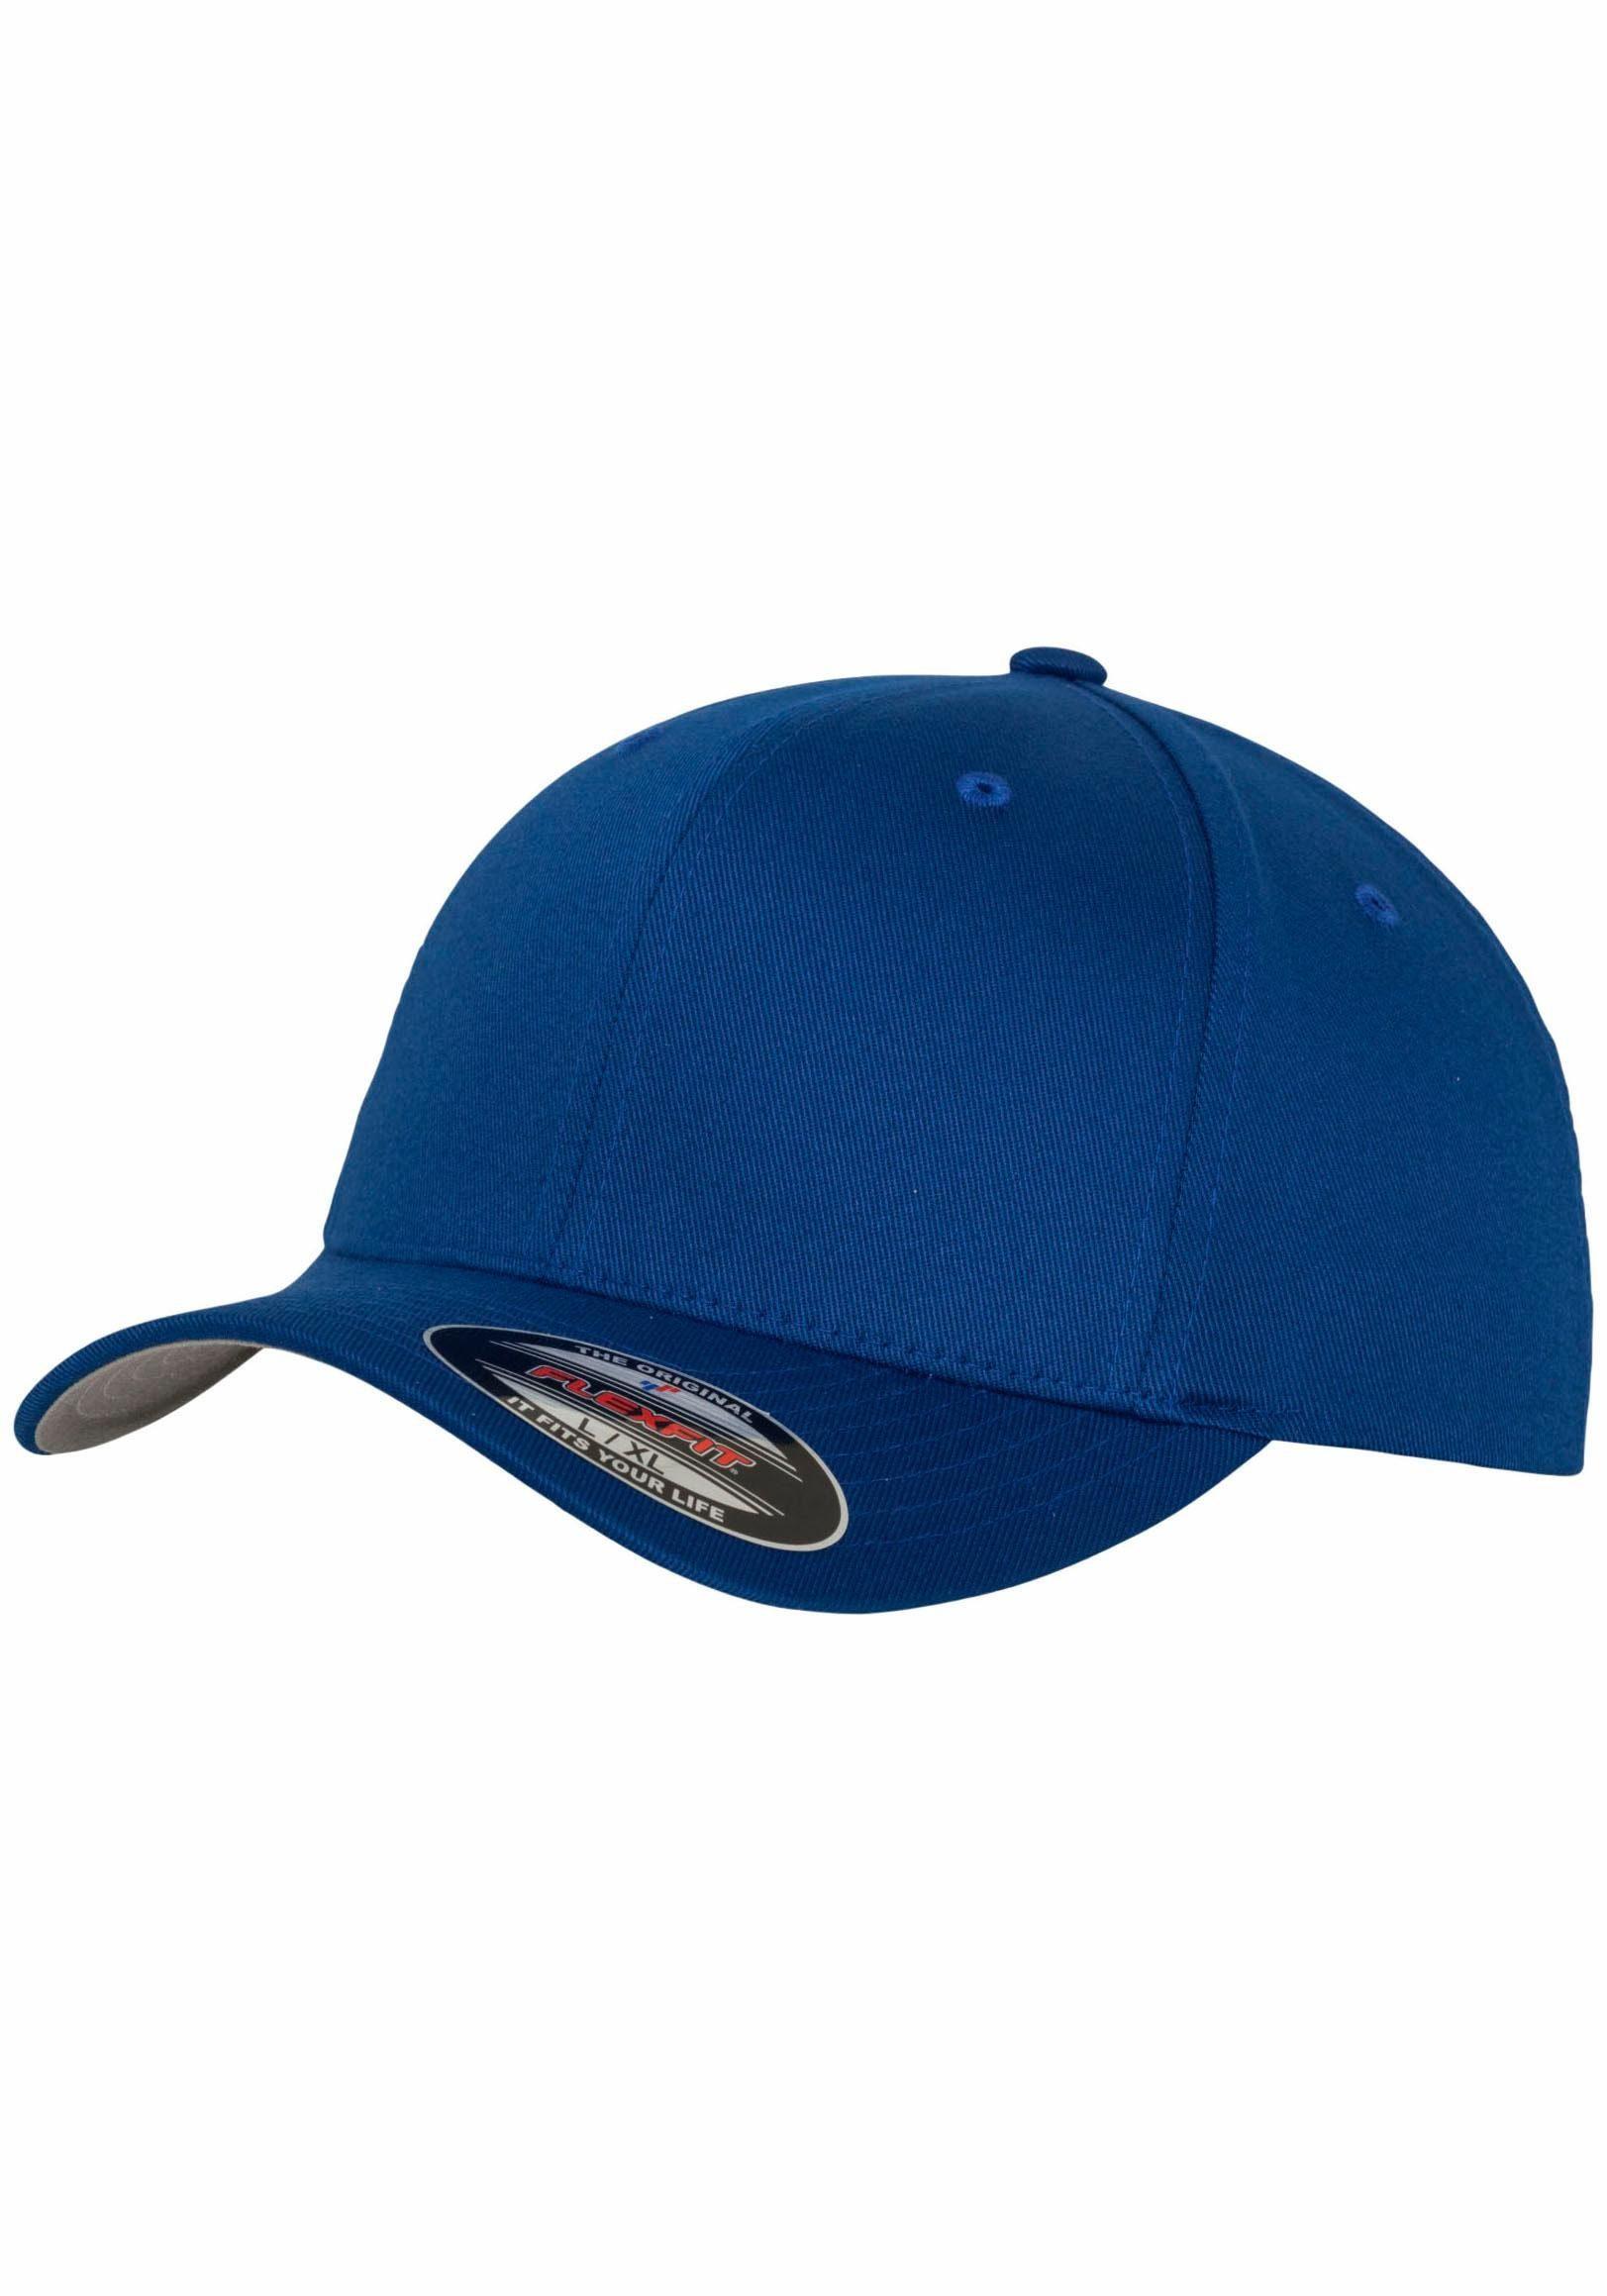 Flexfit Baseball Cap (1-St) mit gebogenem Schirm